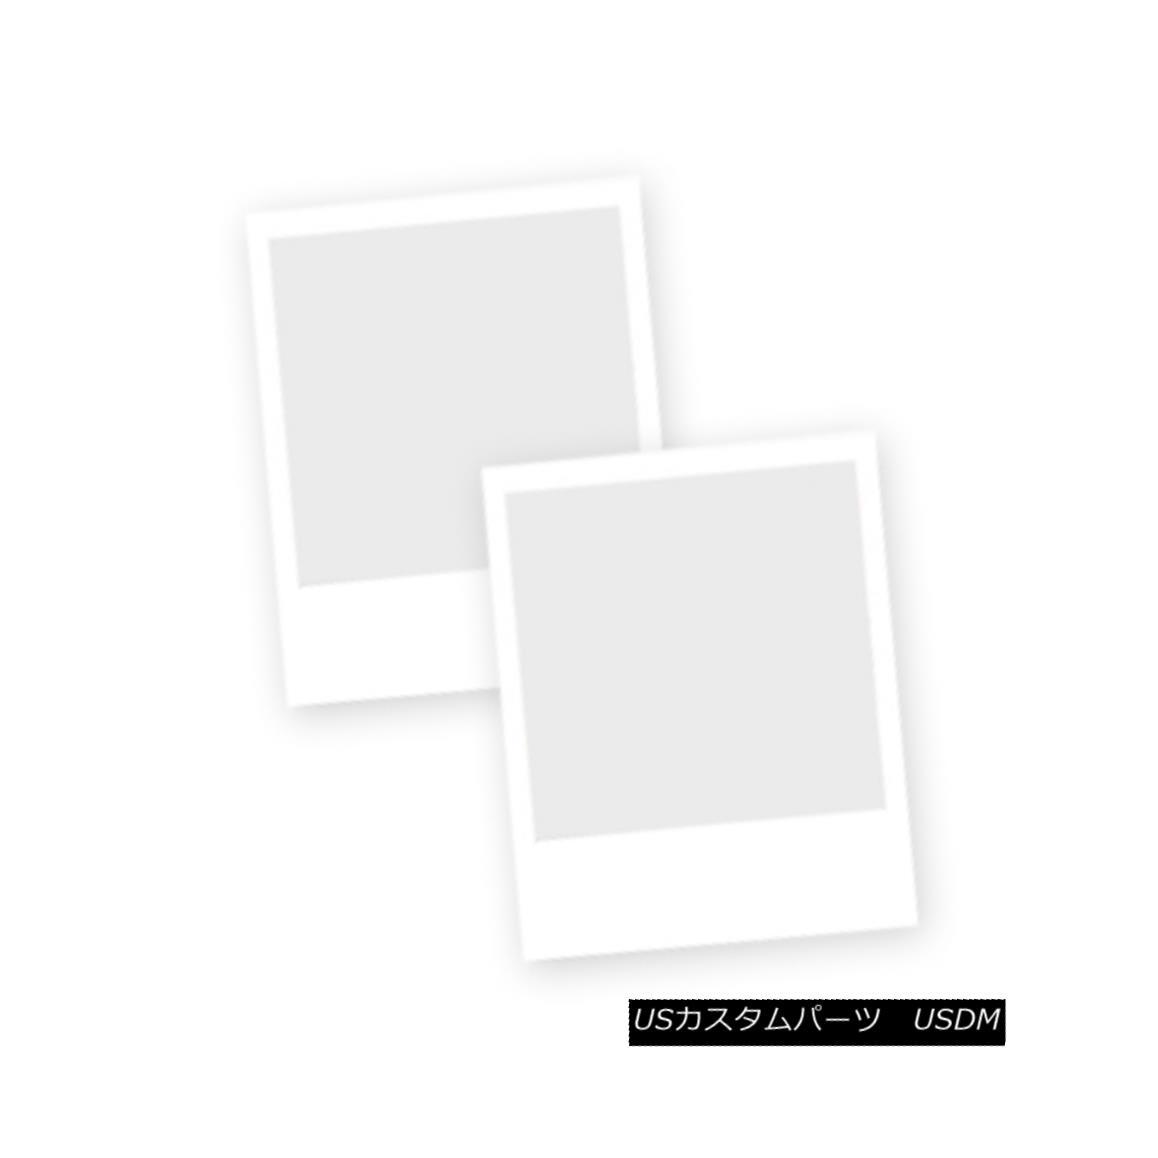 グリル Fits 2012-2013 Kia Soul Stainless Steel Mesh Grille Insert Combo 2012年から2013年にかけてのKia Soulステンレスメッシュグリルインサートコンボ